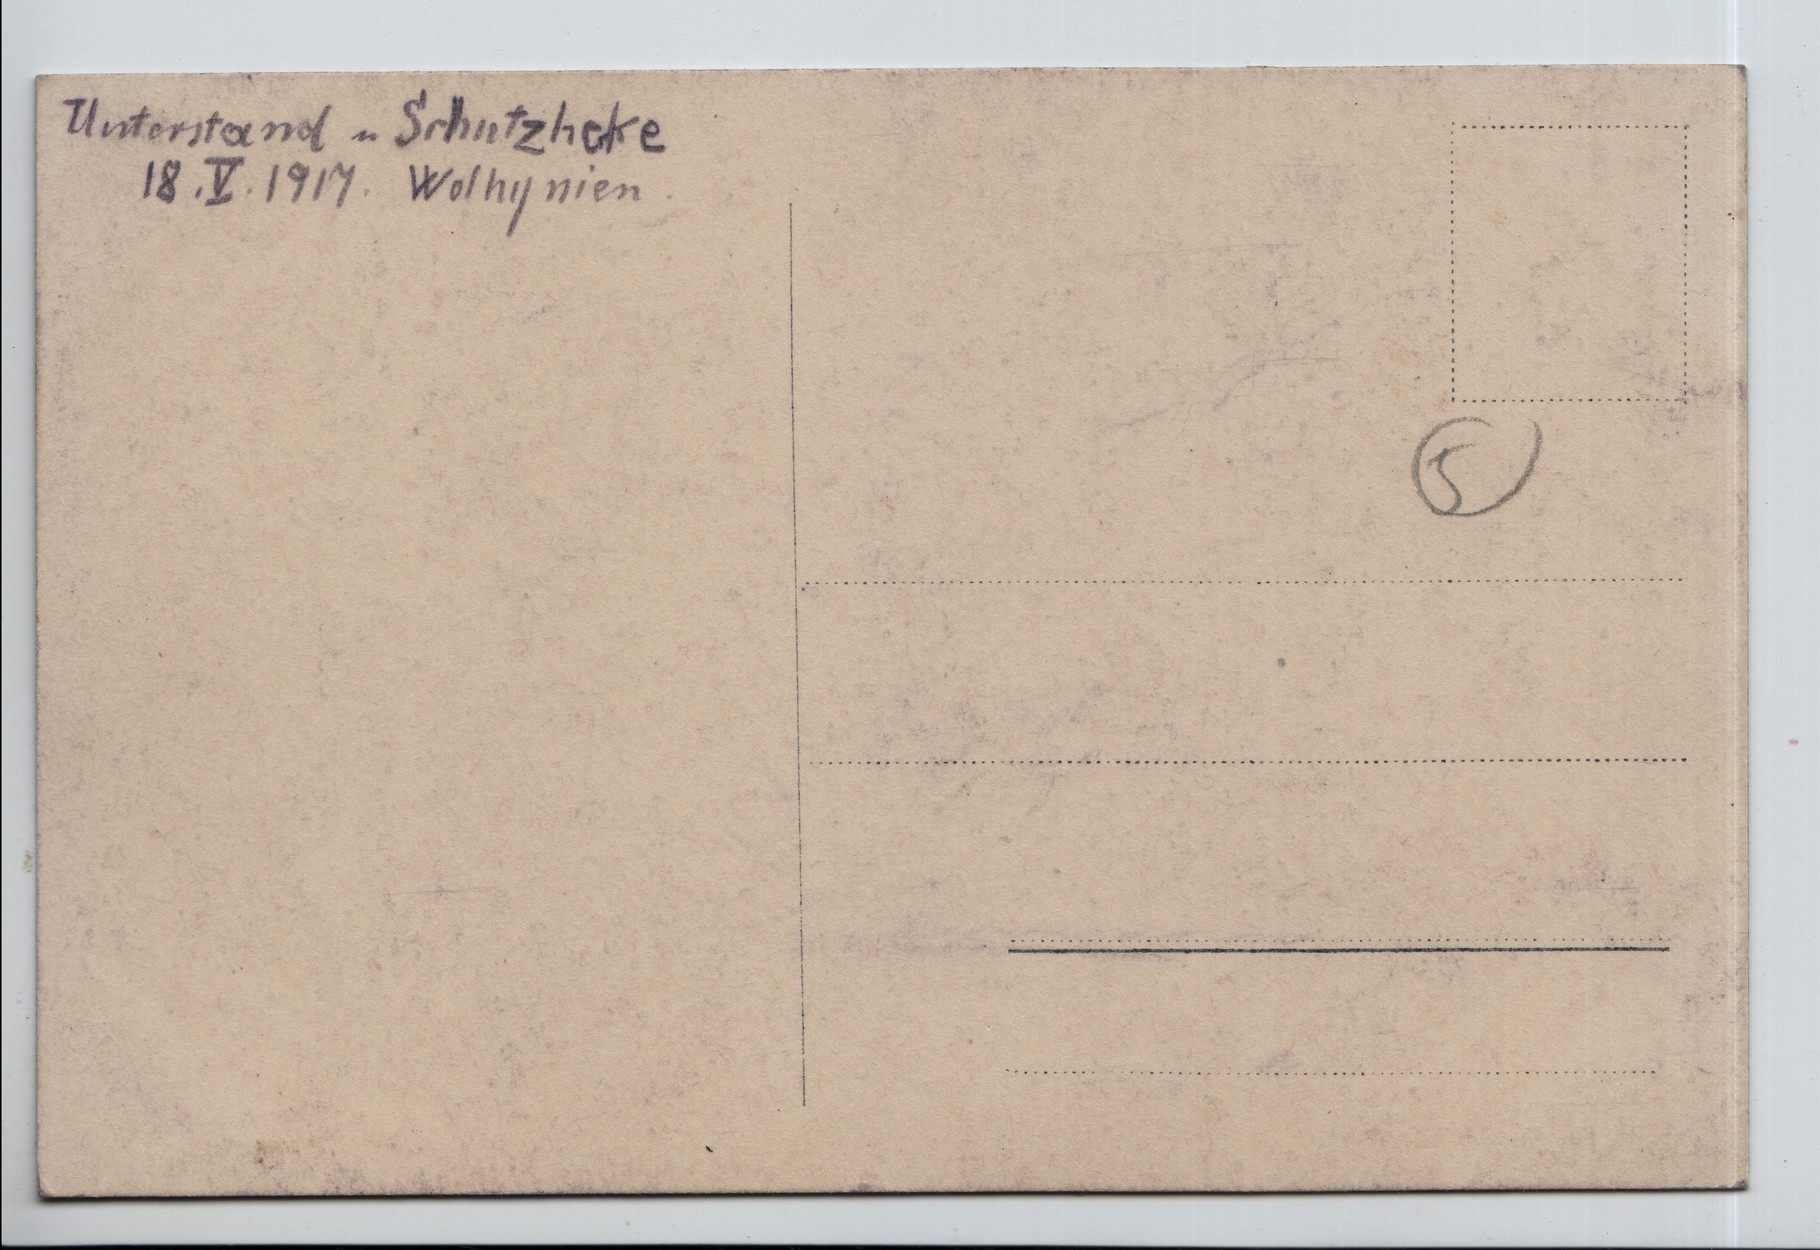 23. 18th May 1917